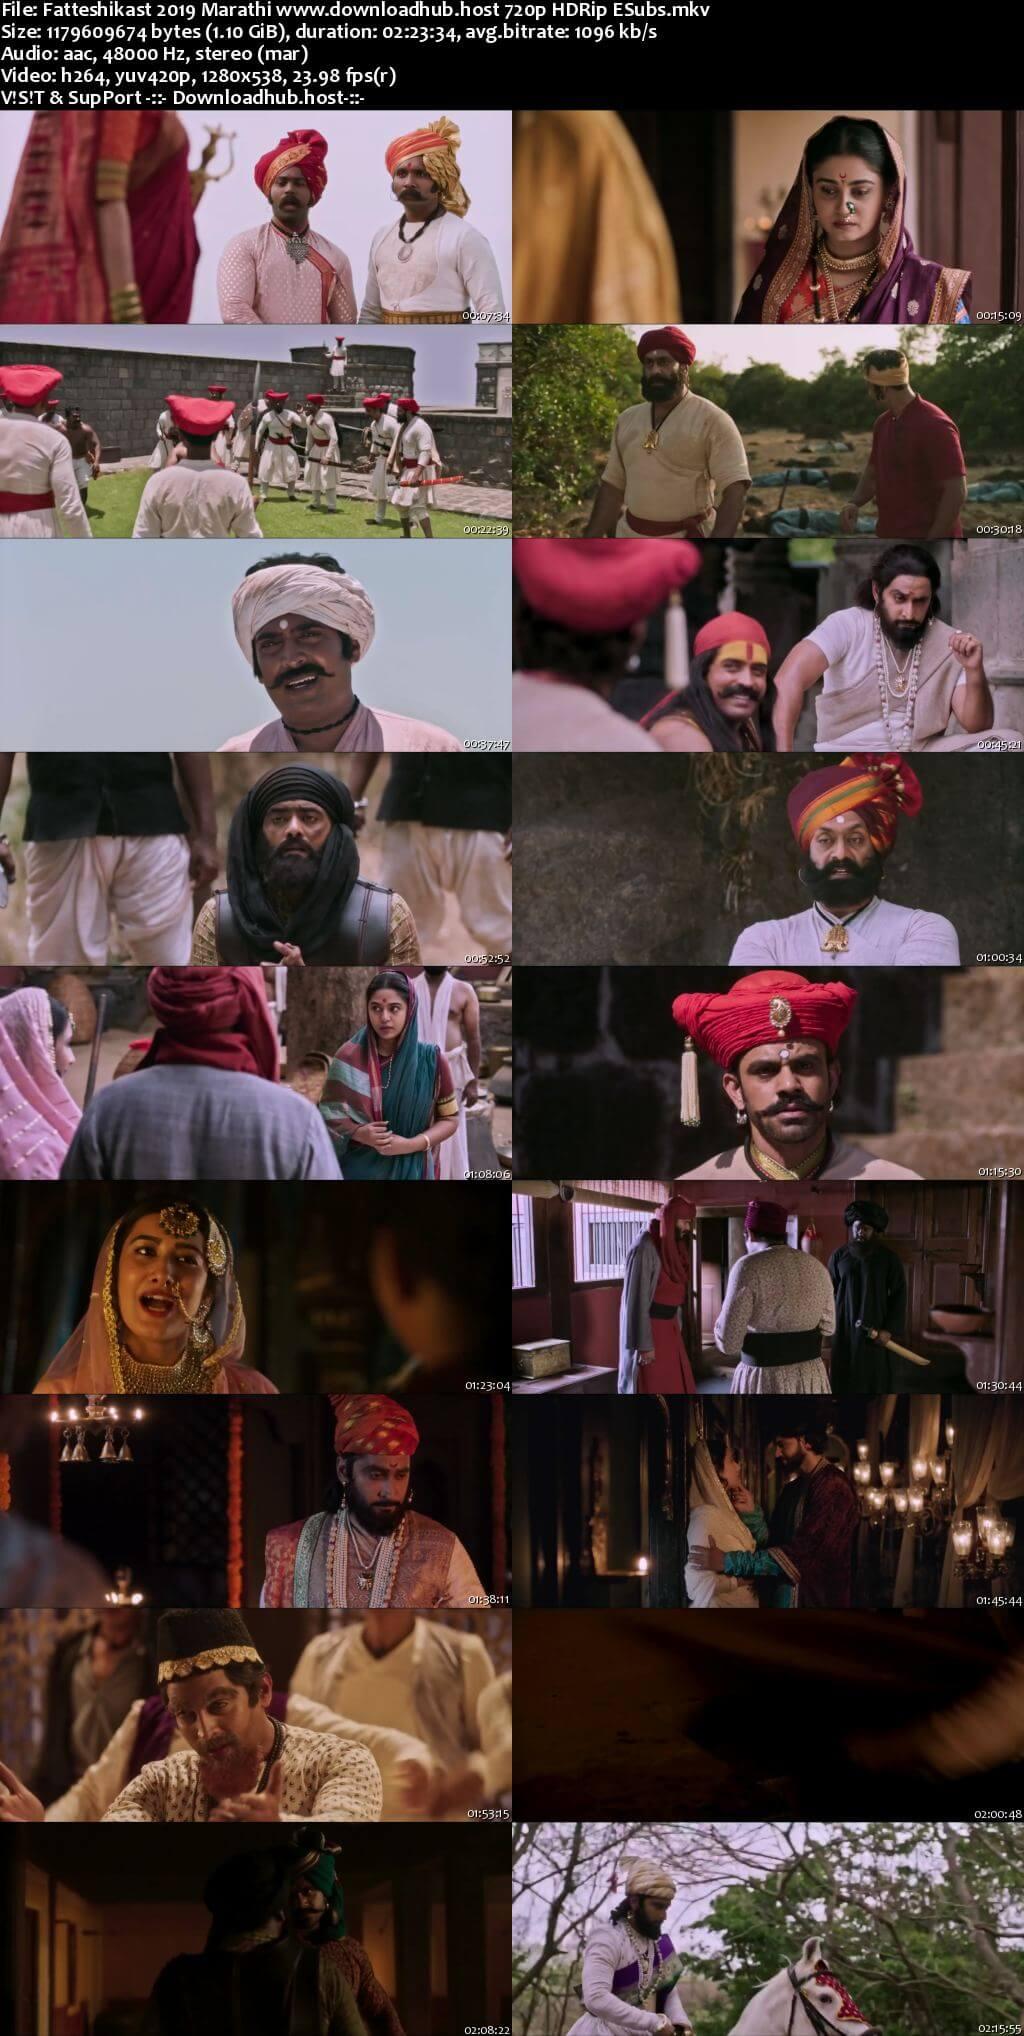 Fatteshikast 2019 Marathi 720p HDRip ESubs